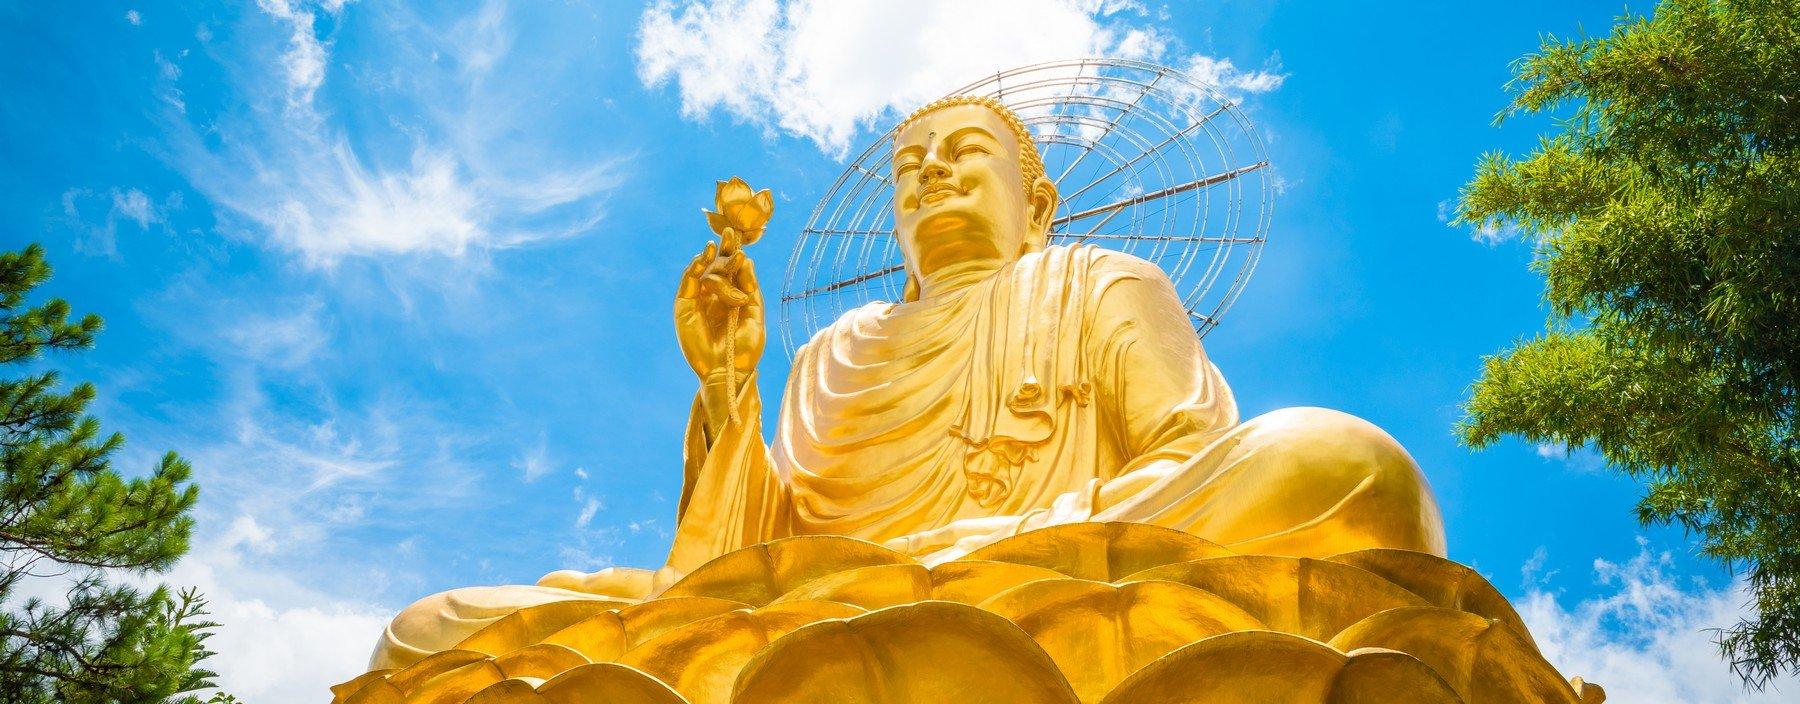 vn, dalat, big golden buddha.jpg